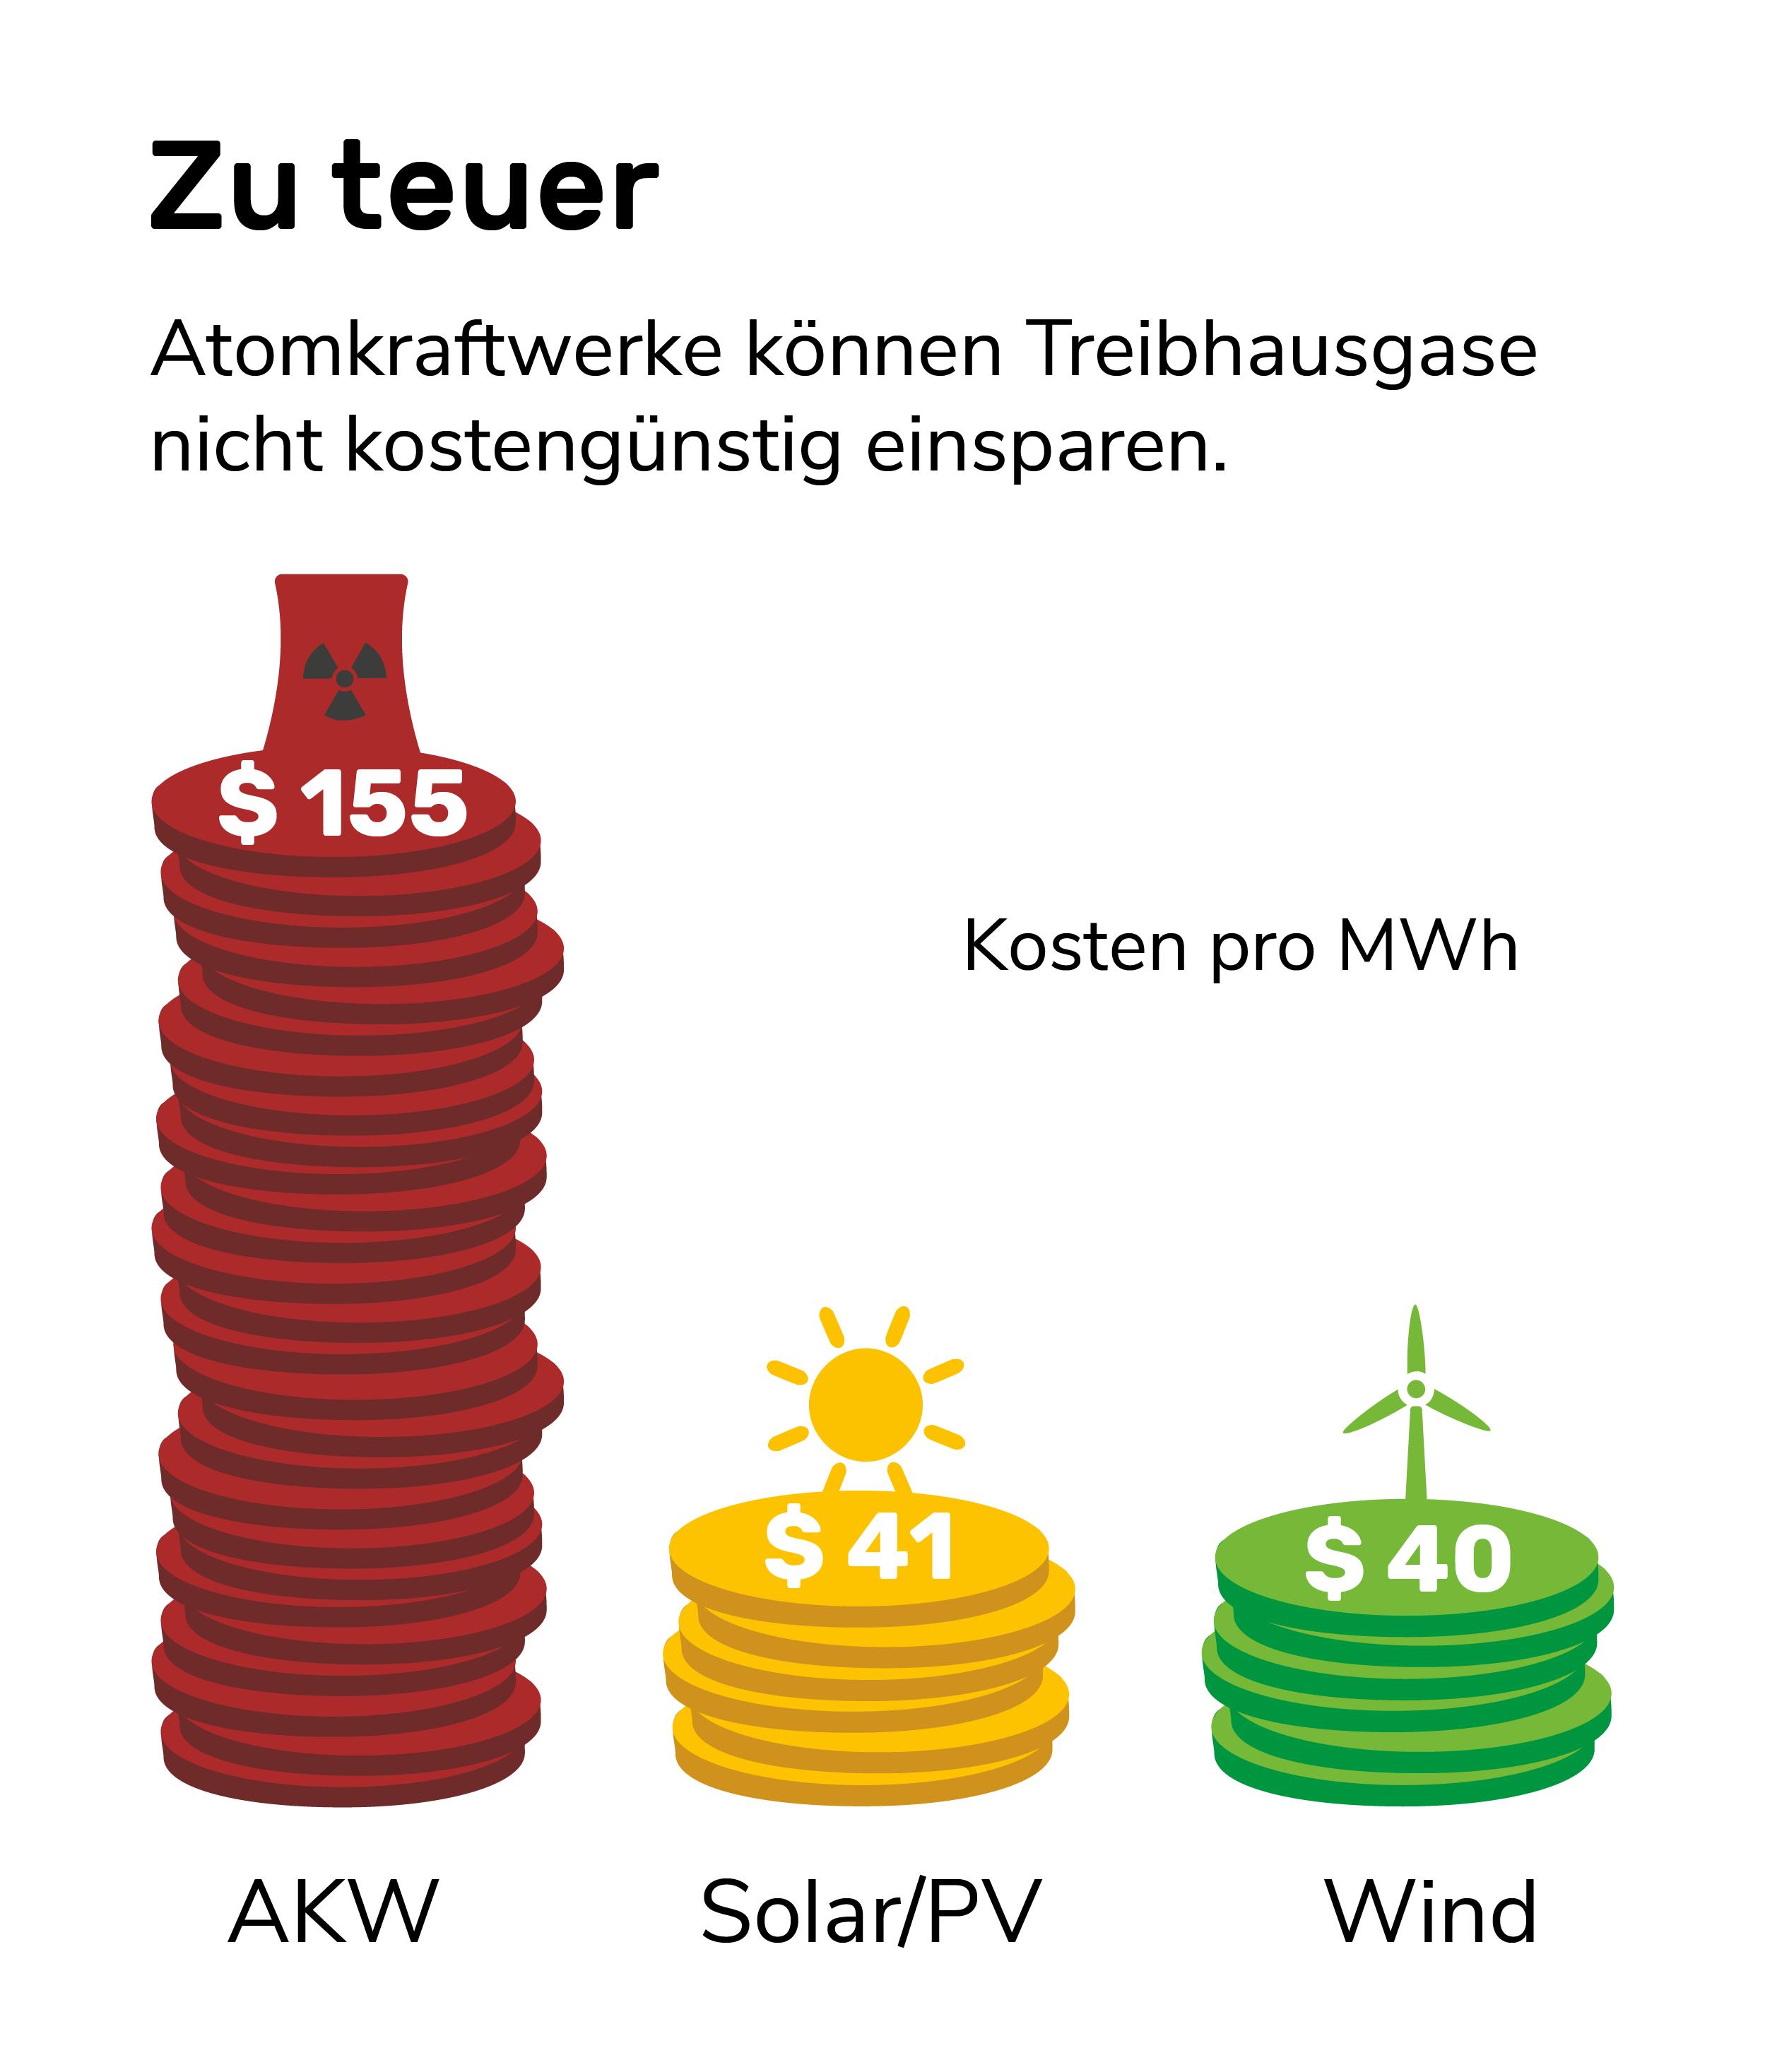 Infografik: Atomkraft in keine Klimaschutzmaßnahme weil es viel teurer ist als Erneuerbare Energien